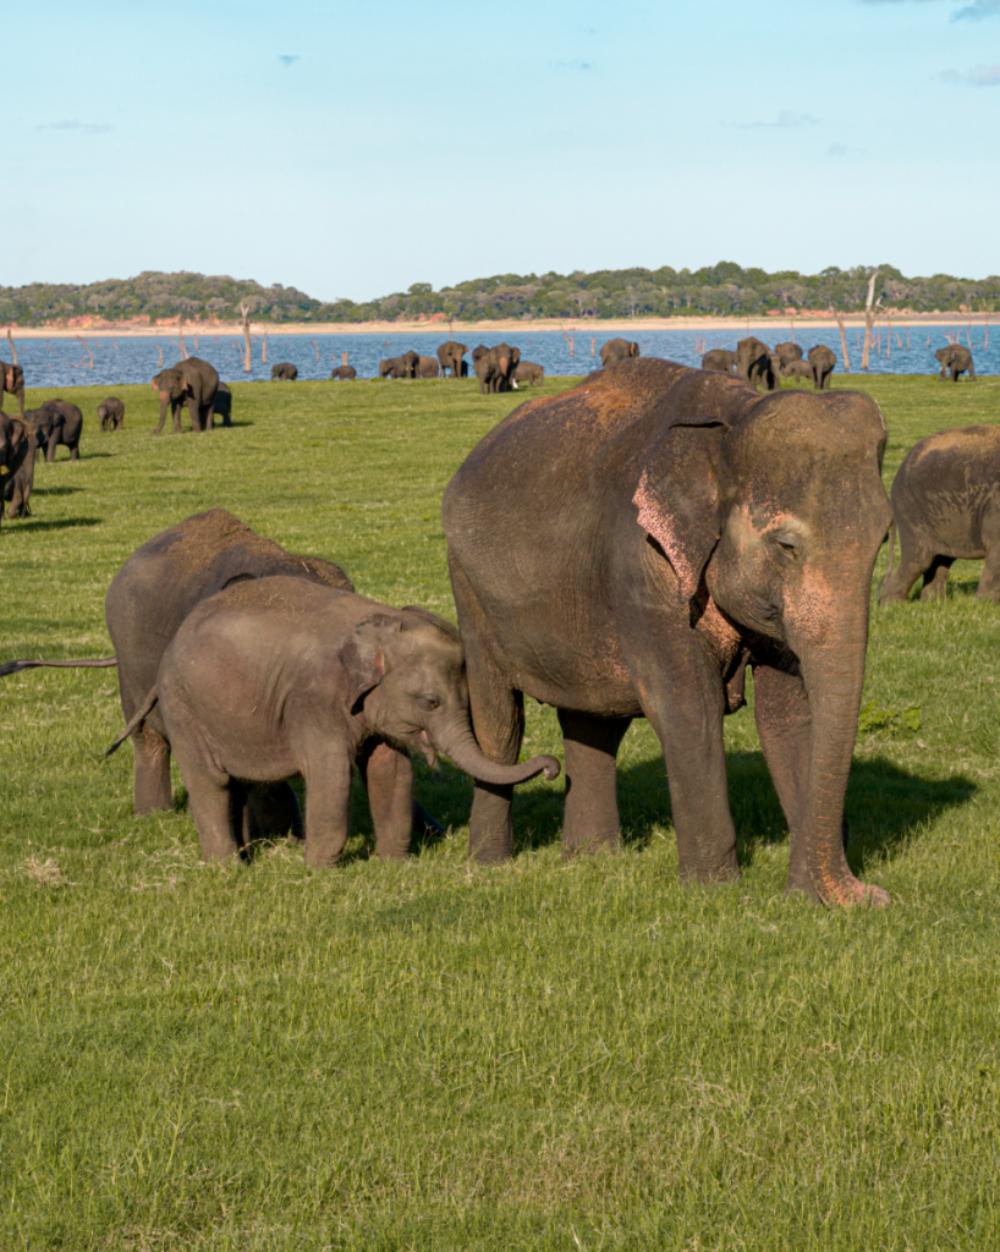 Elephants in Sri Lanks